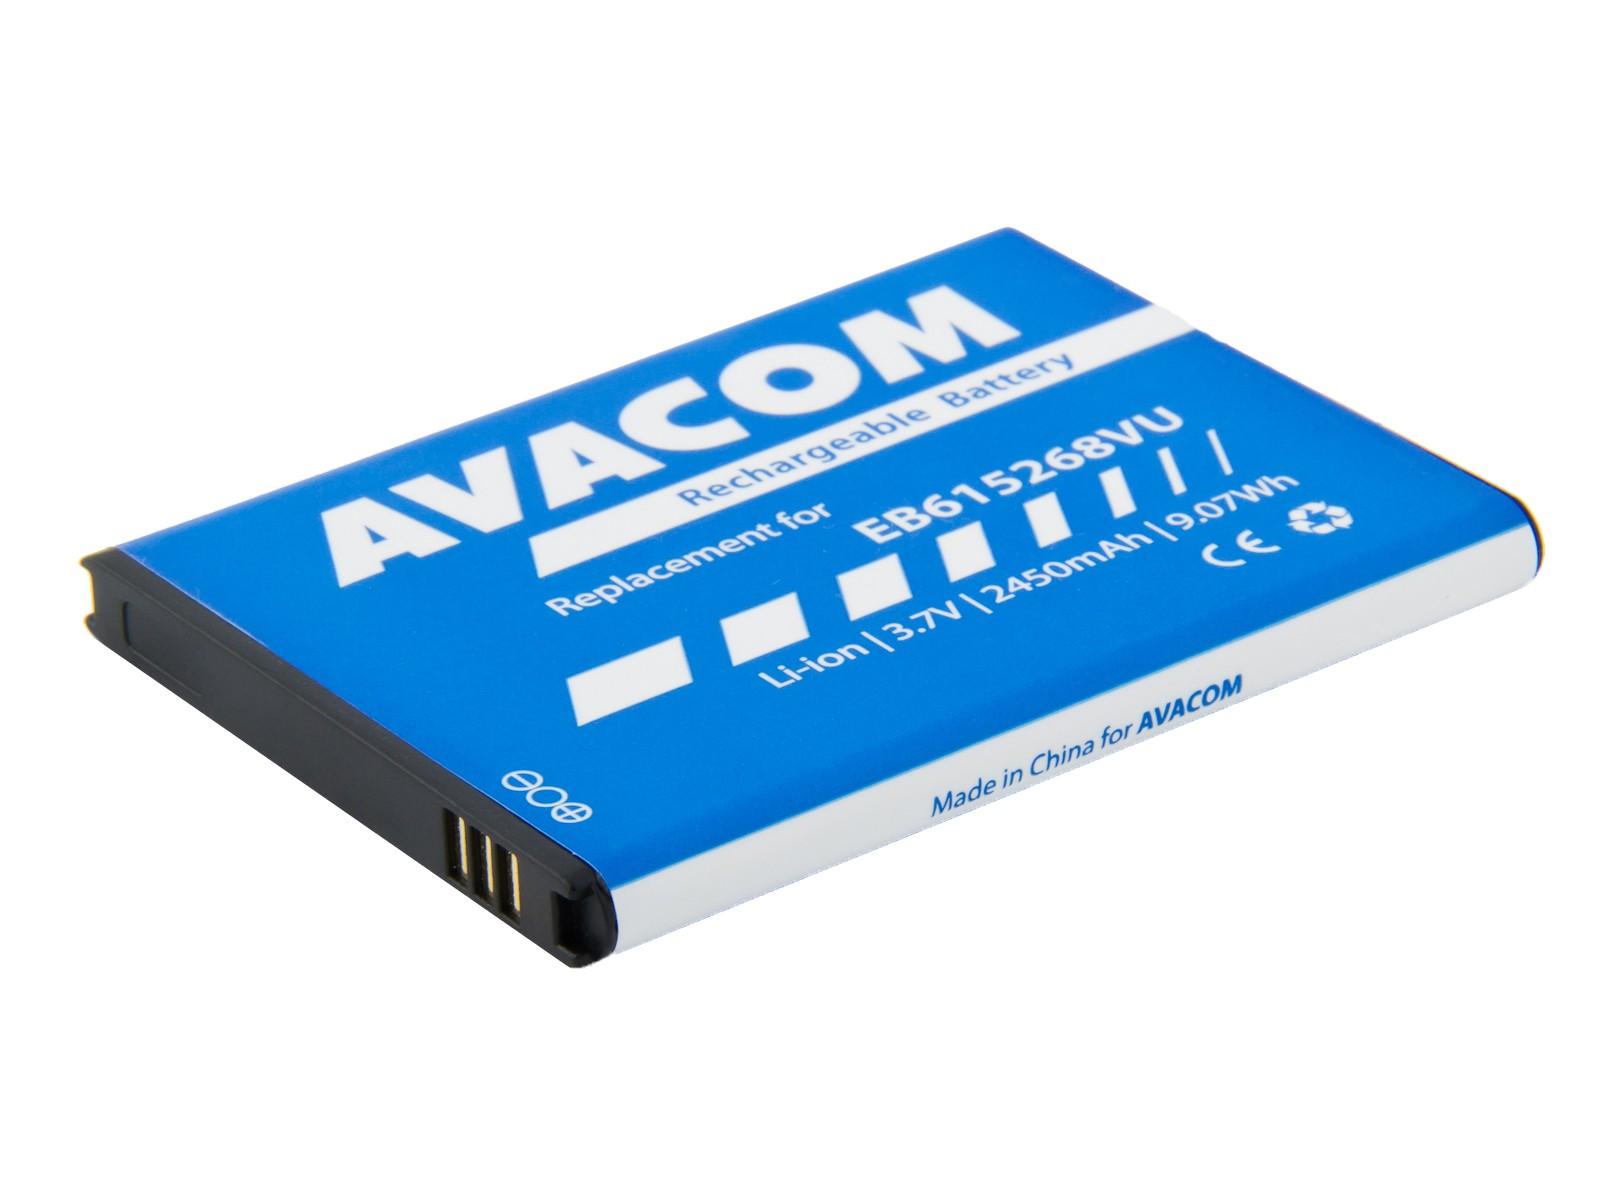 Baterie AVACOM GSSA-I9220-S2450A do mobilu Samsung Galaxy Note Li-Ion 3,7V 2450mAh - GSSA-I9220-S2450A